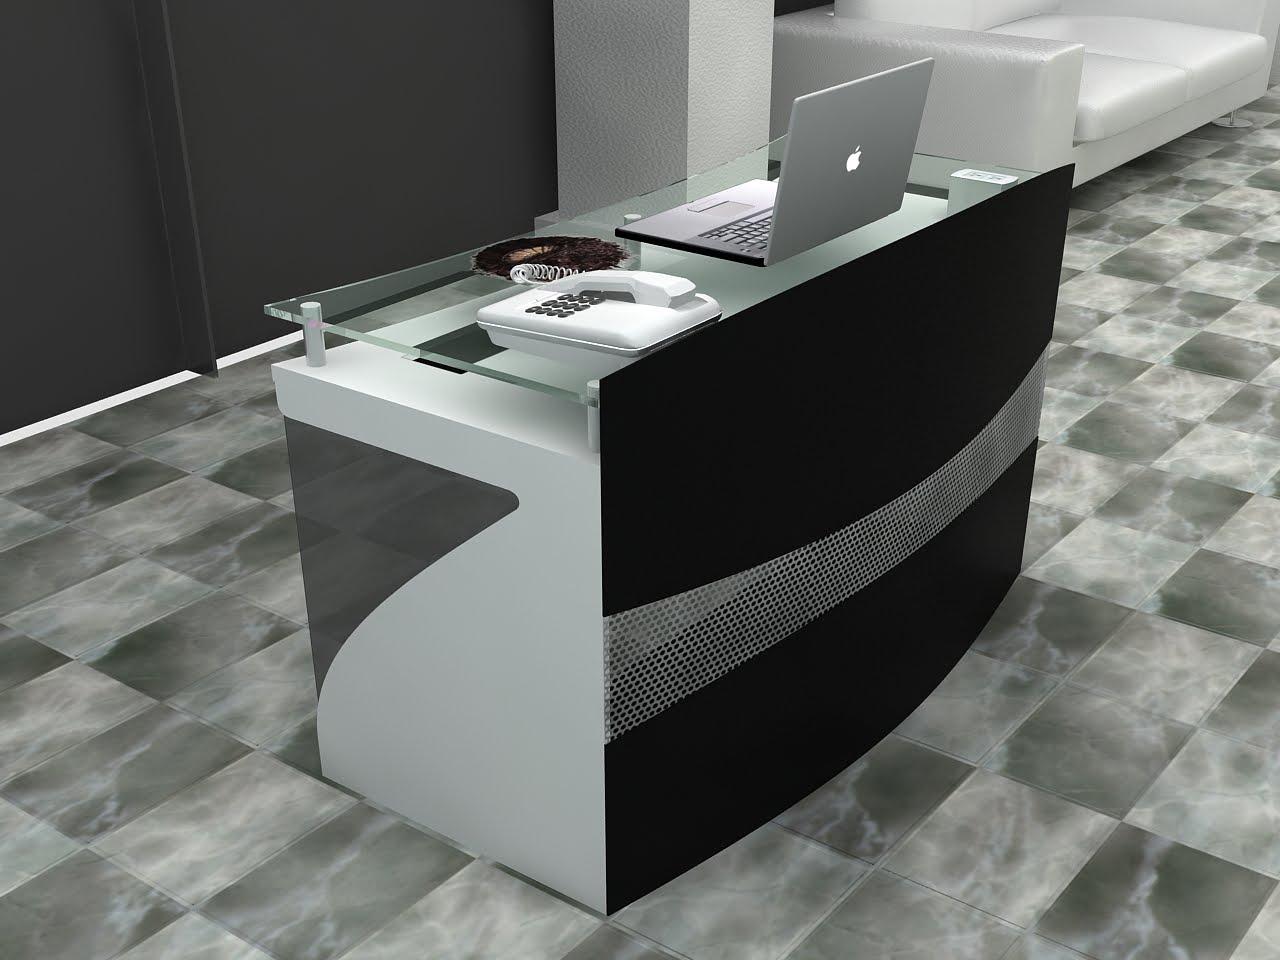 Conceptos en mobiliario de oficina for Practica de oficina concepto